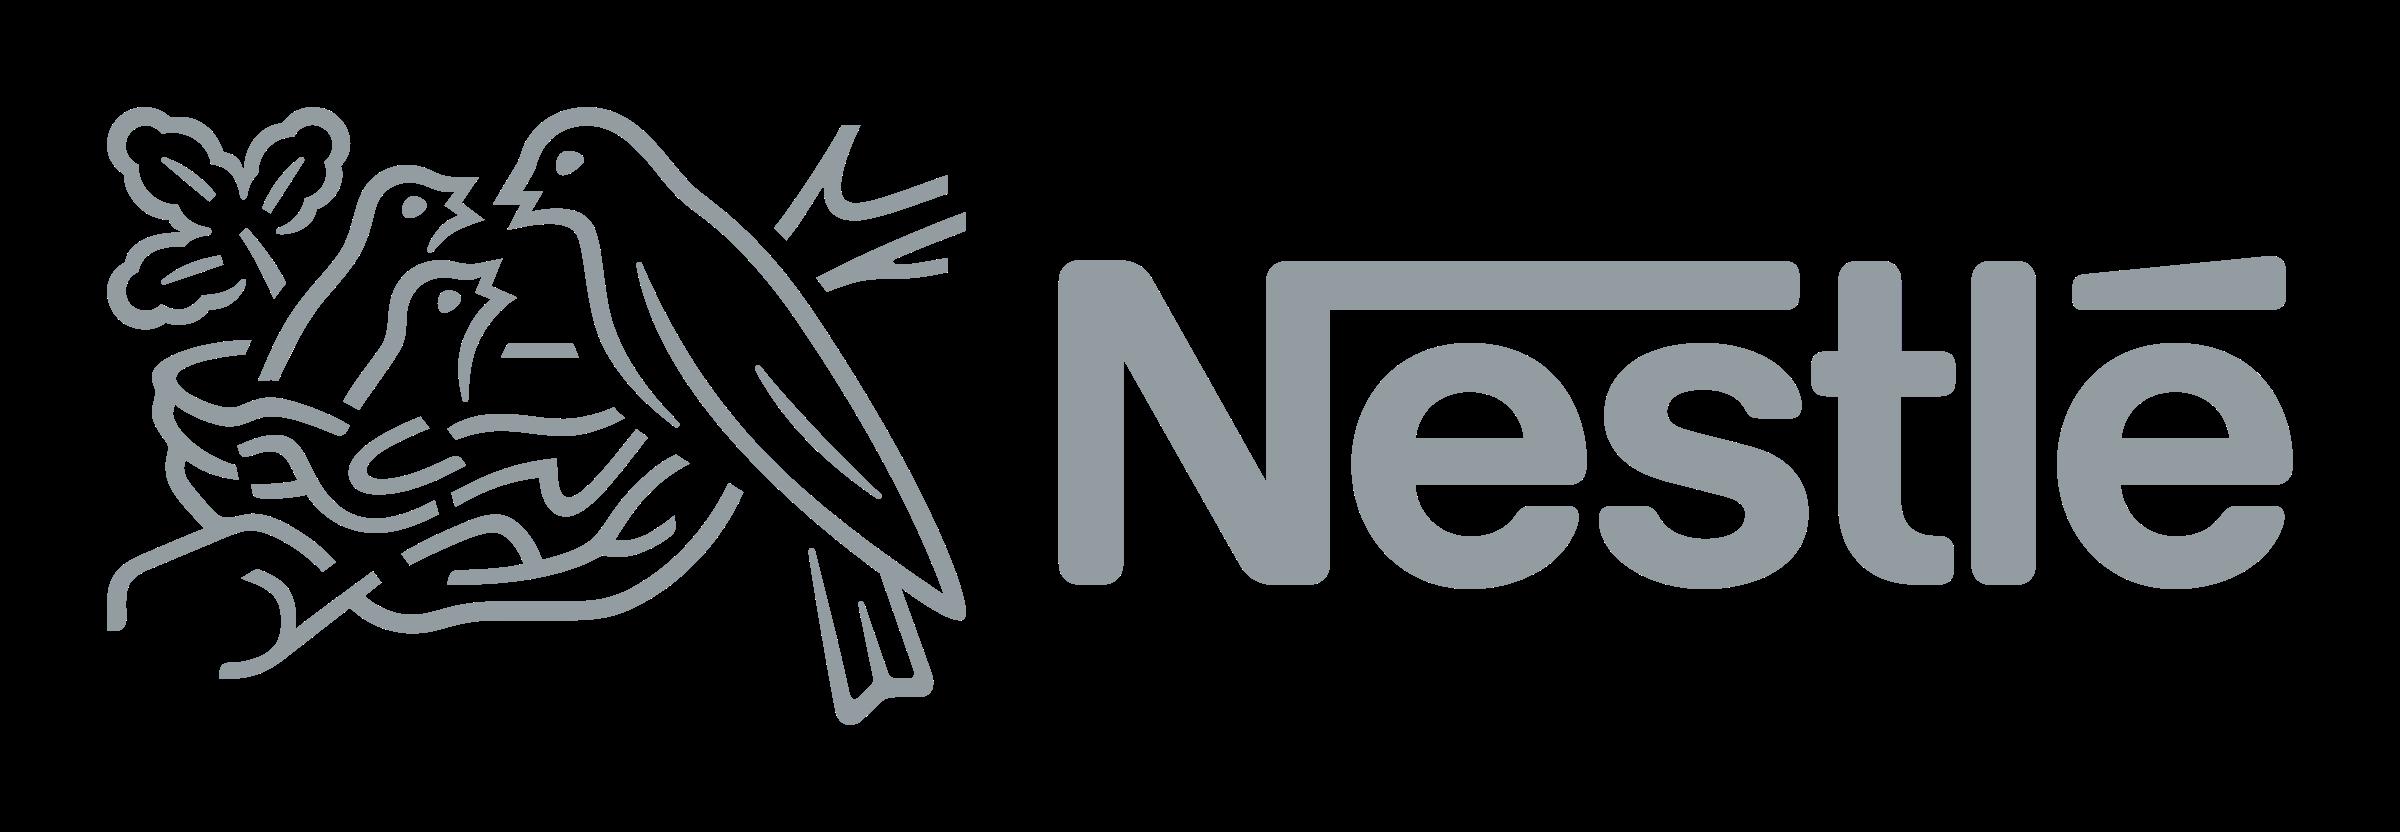 nestle logo png transparent amp svg vector freebie supply